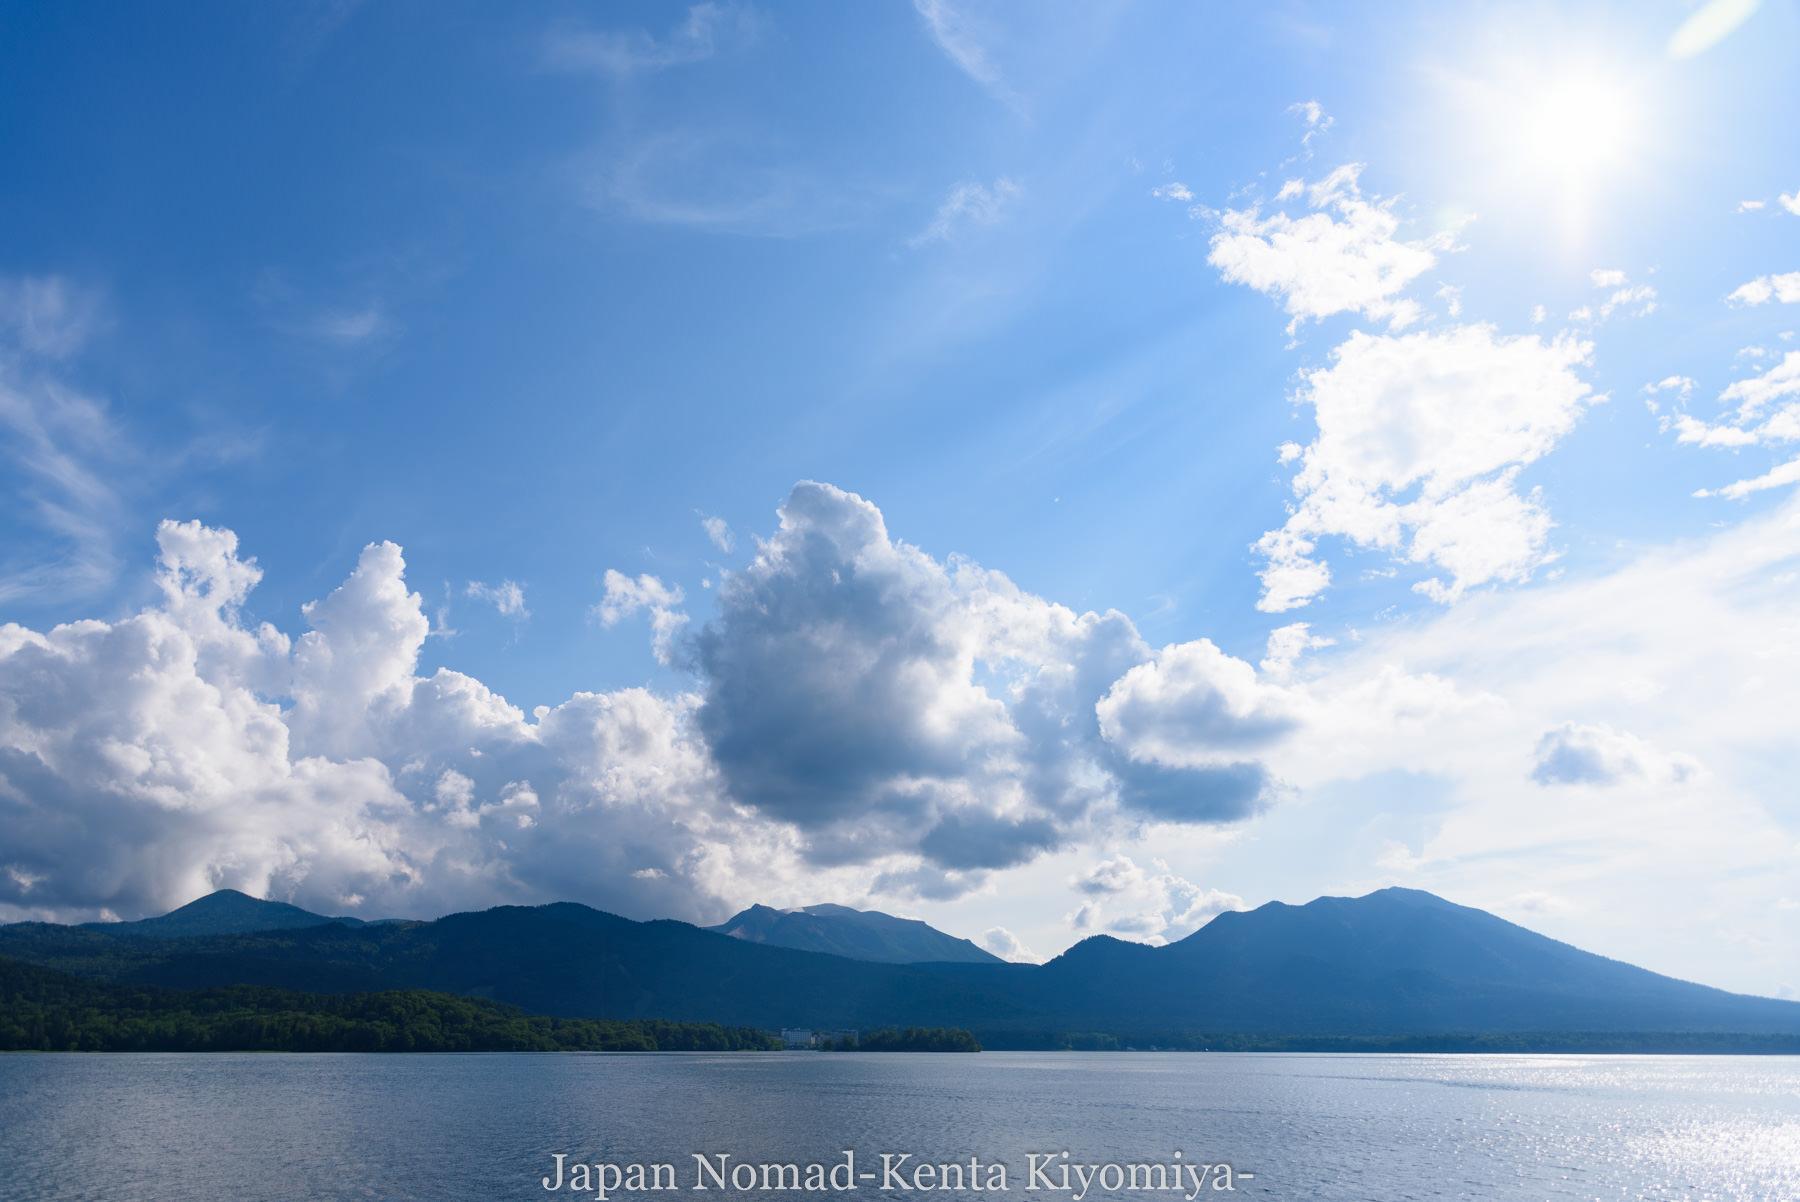 自転車日本一周98日目(阿寒湖、アイヌコタン、まりも)-Japan Nomad (33)